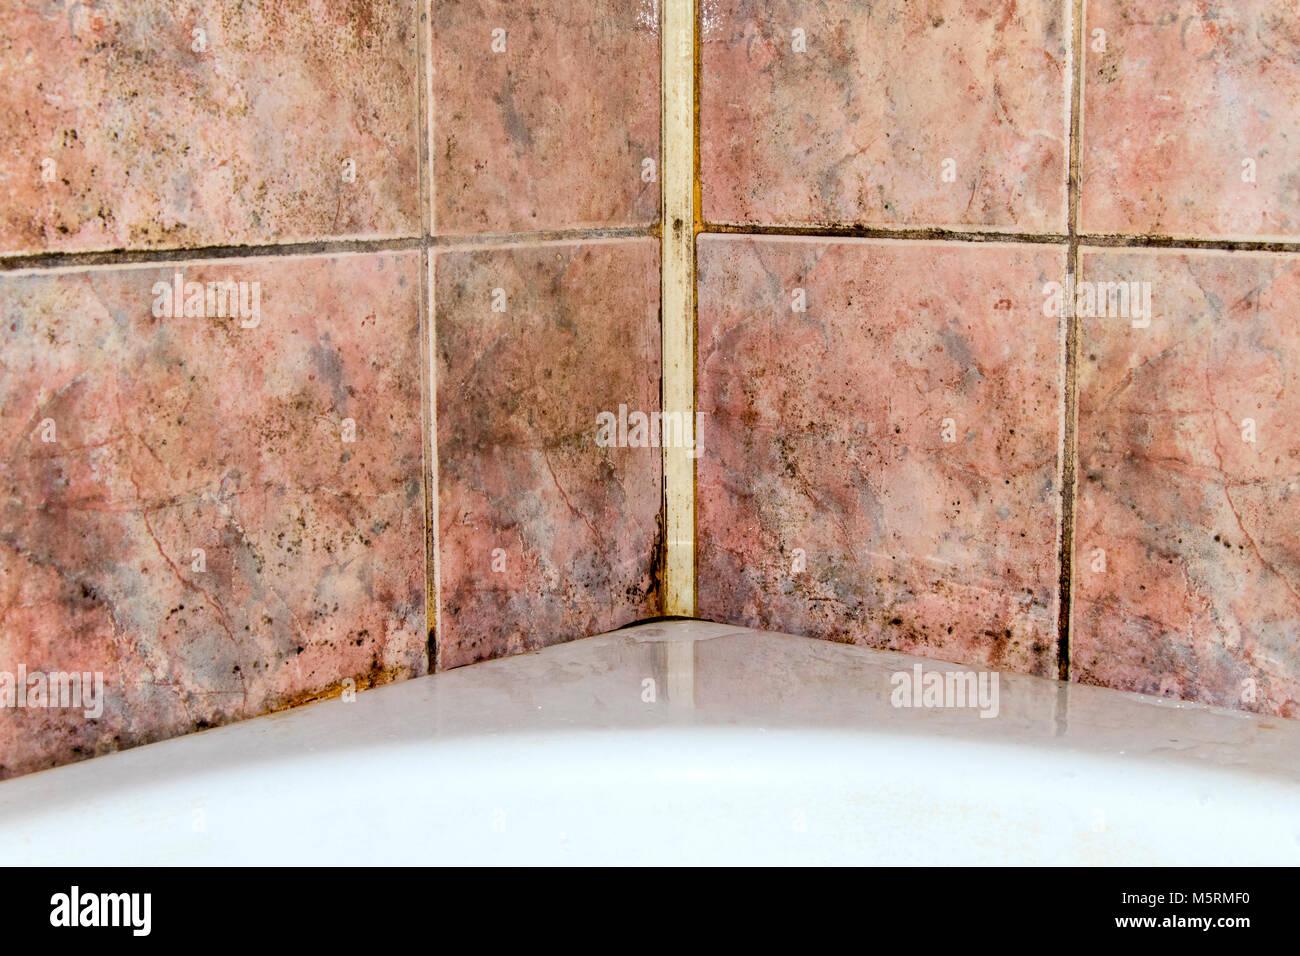 Fungo in bagno la pulizia di piastrelle da infezione foto